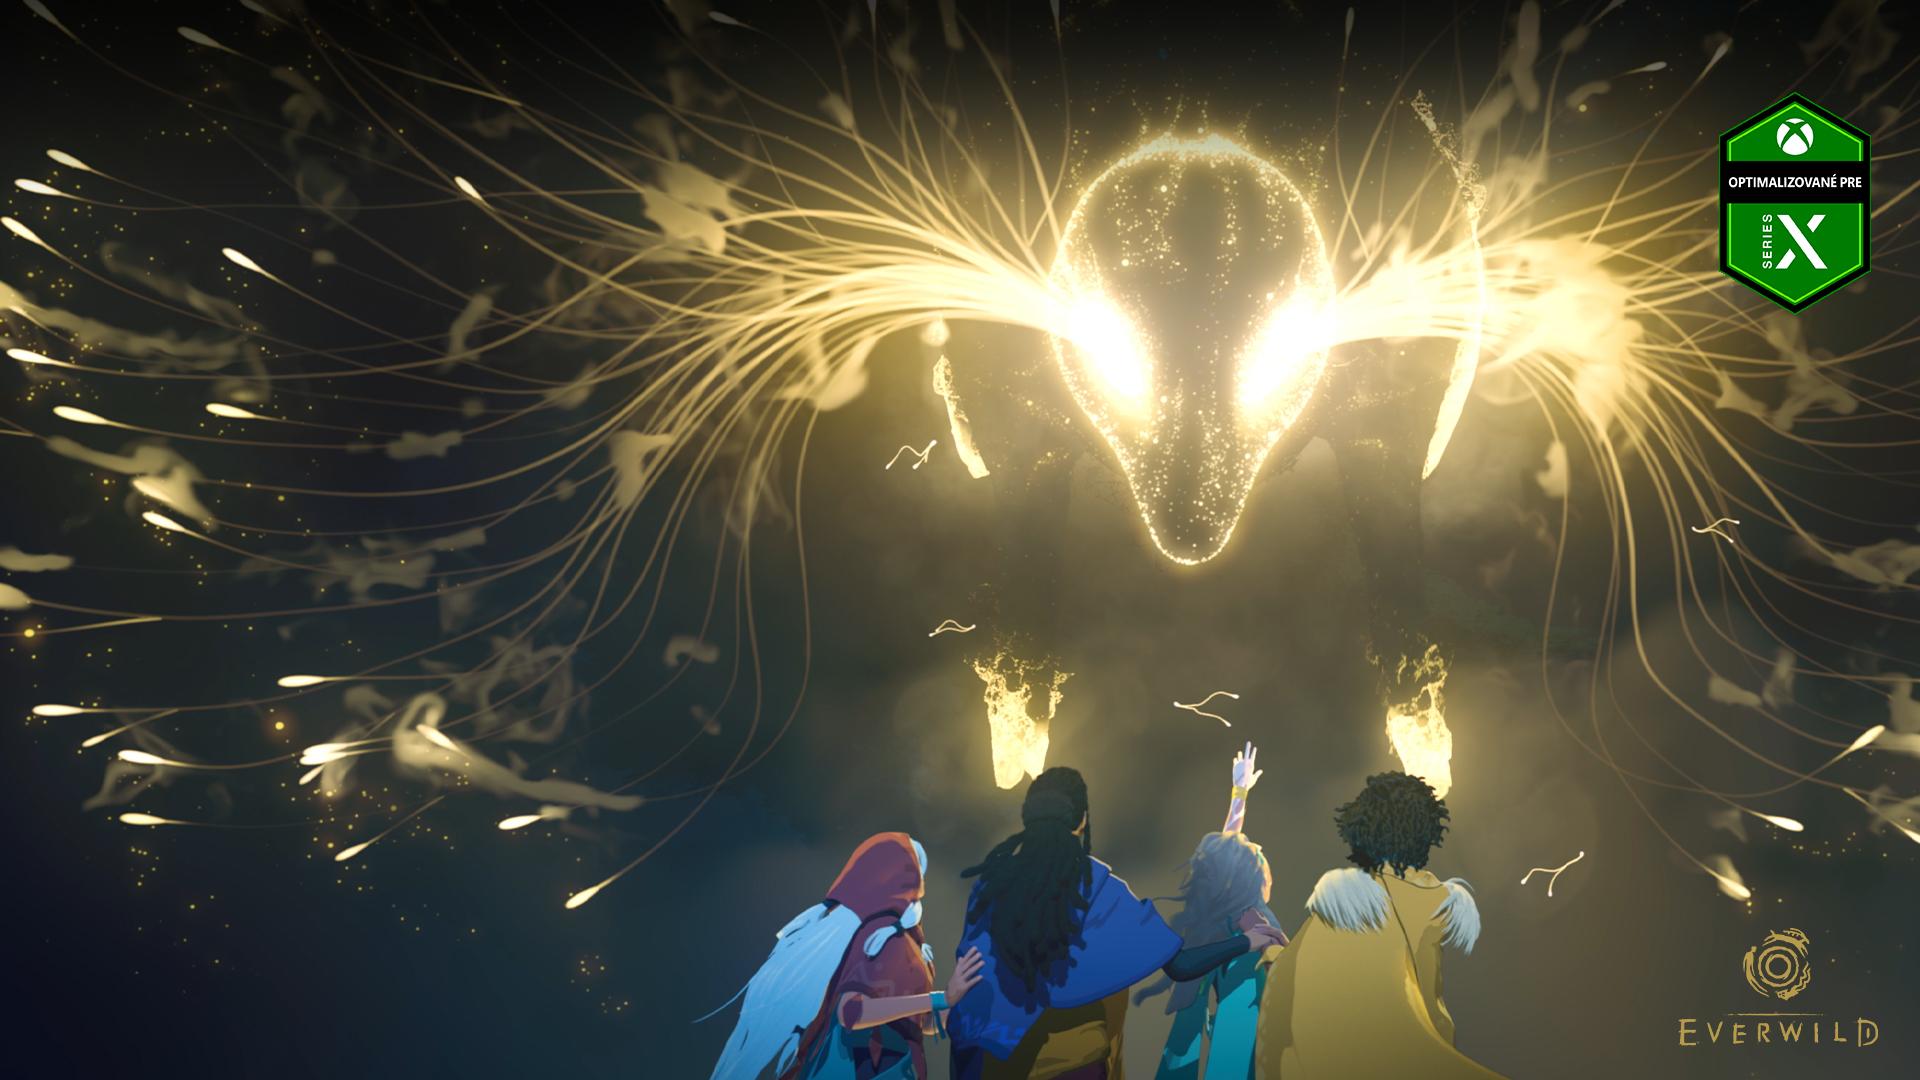 Optimalizované pre Series X, Everwild, skupina postáv stojí pod svetelnou hlavou jeleňa.